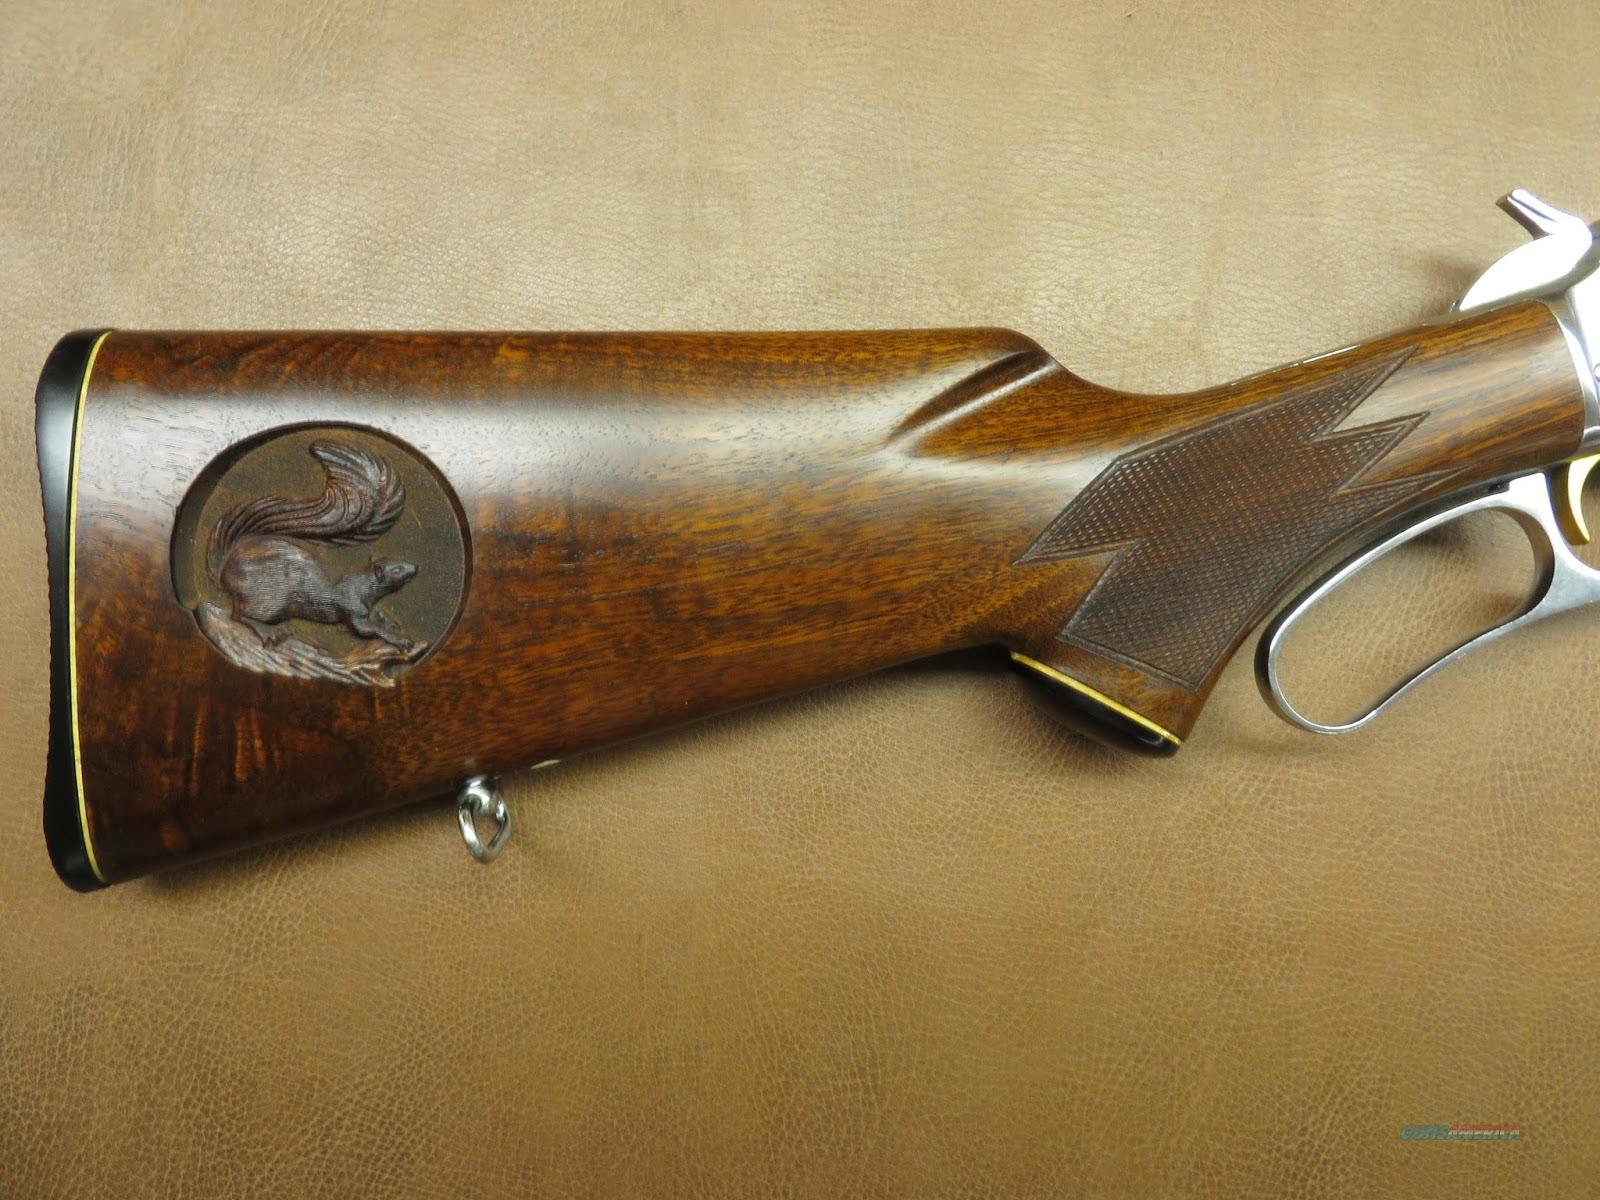 MARLIN FIREARMS CO. MODEL 39 Models Gun Values by Gun Digest